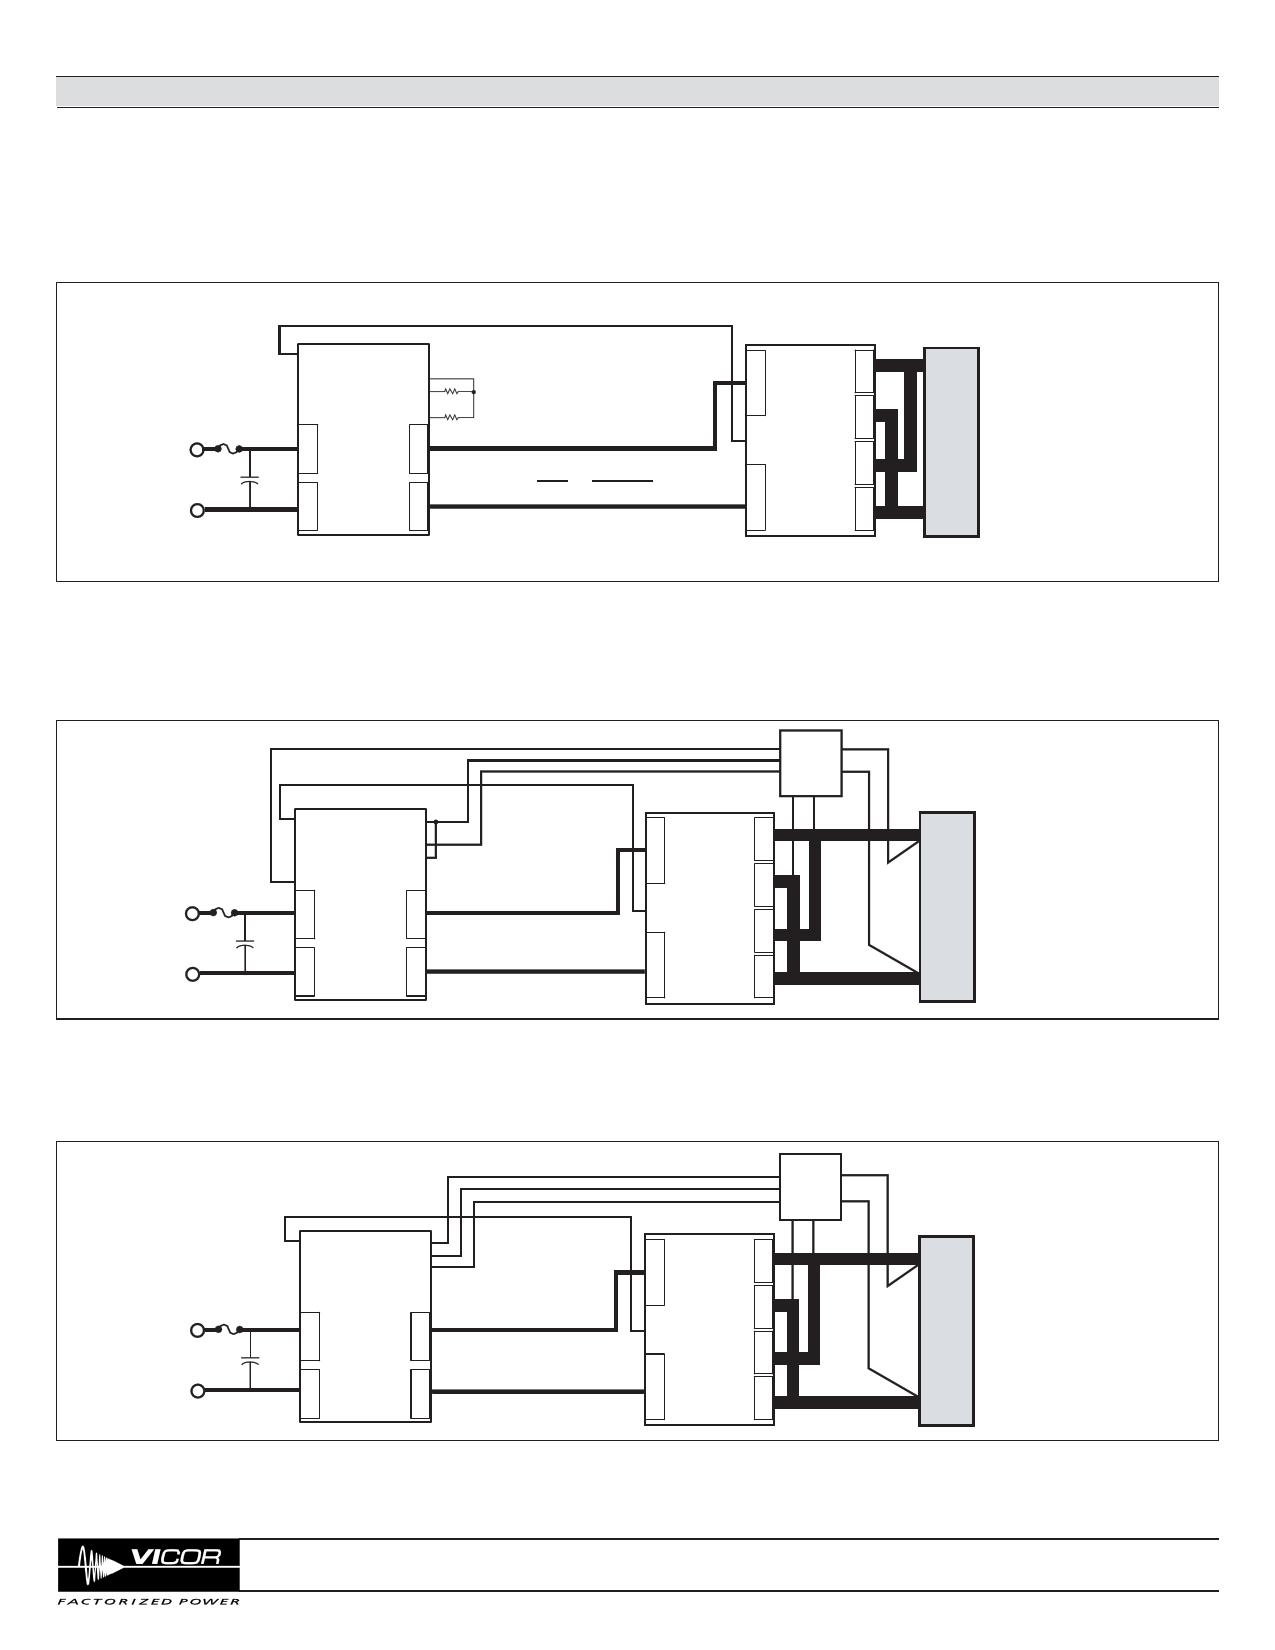 V048K096M025 pdf, datenblatt